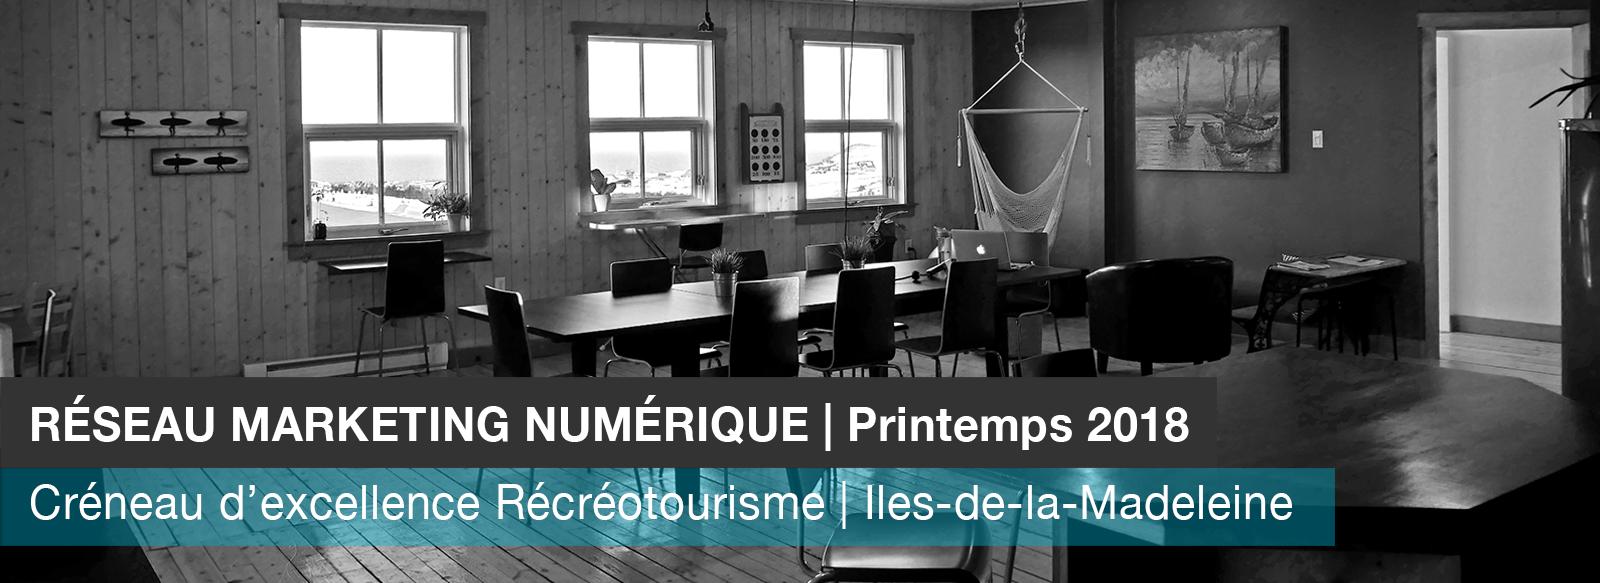 Reseau Marketing Numerique Iles de la madeleine printemps 2018